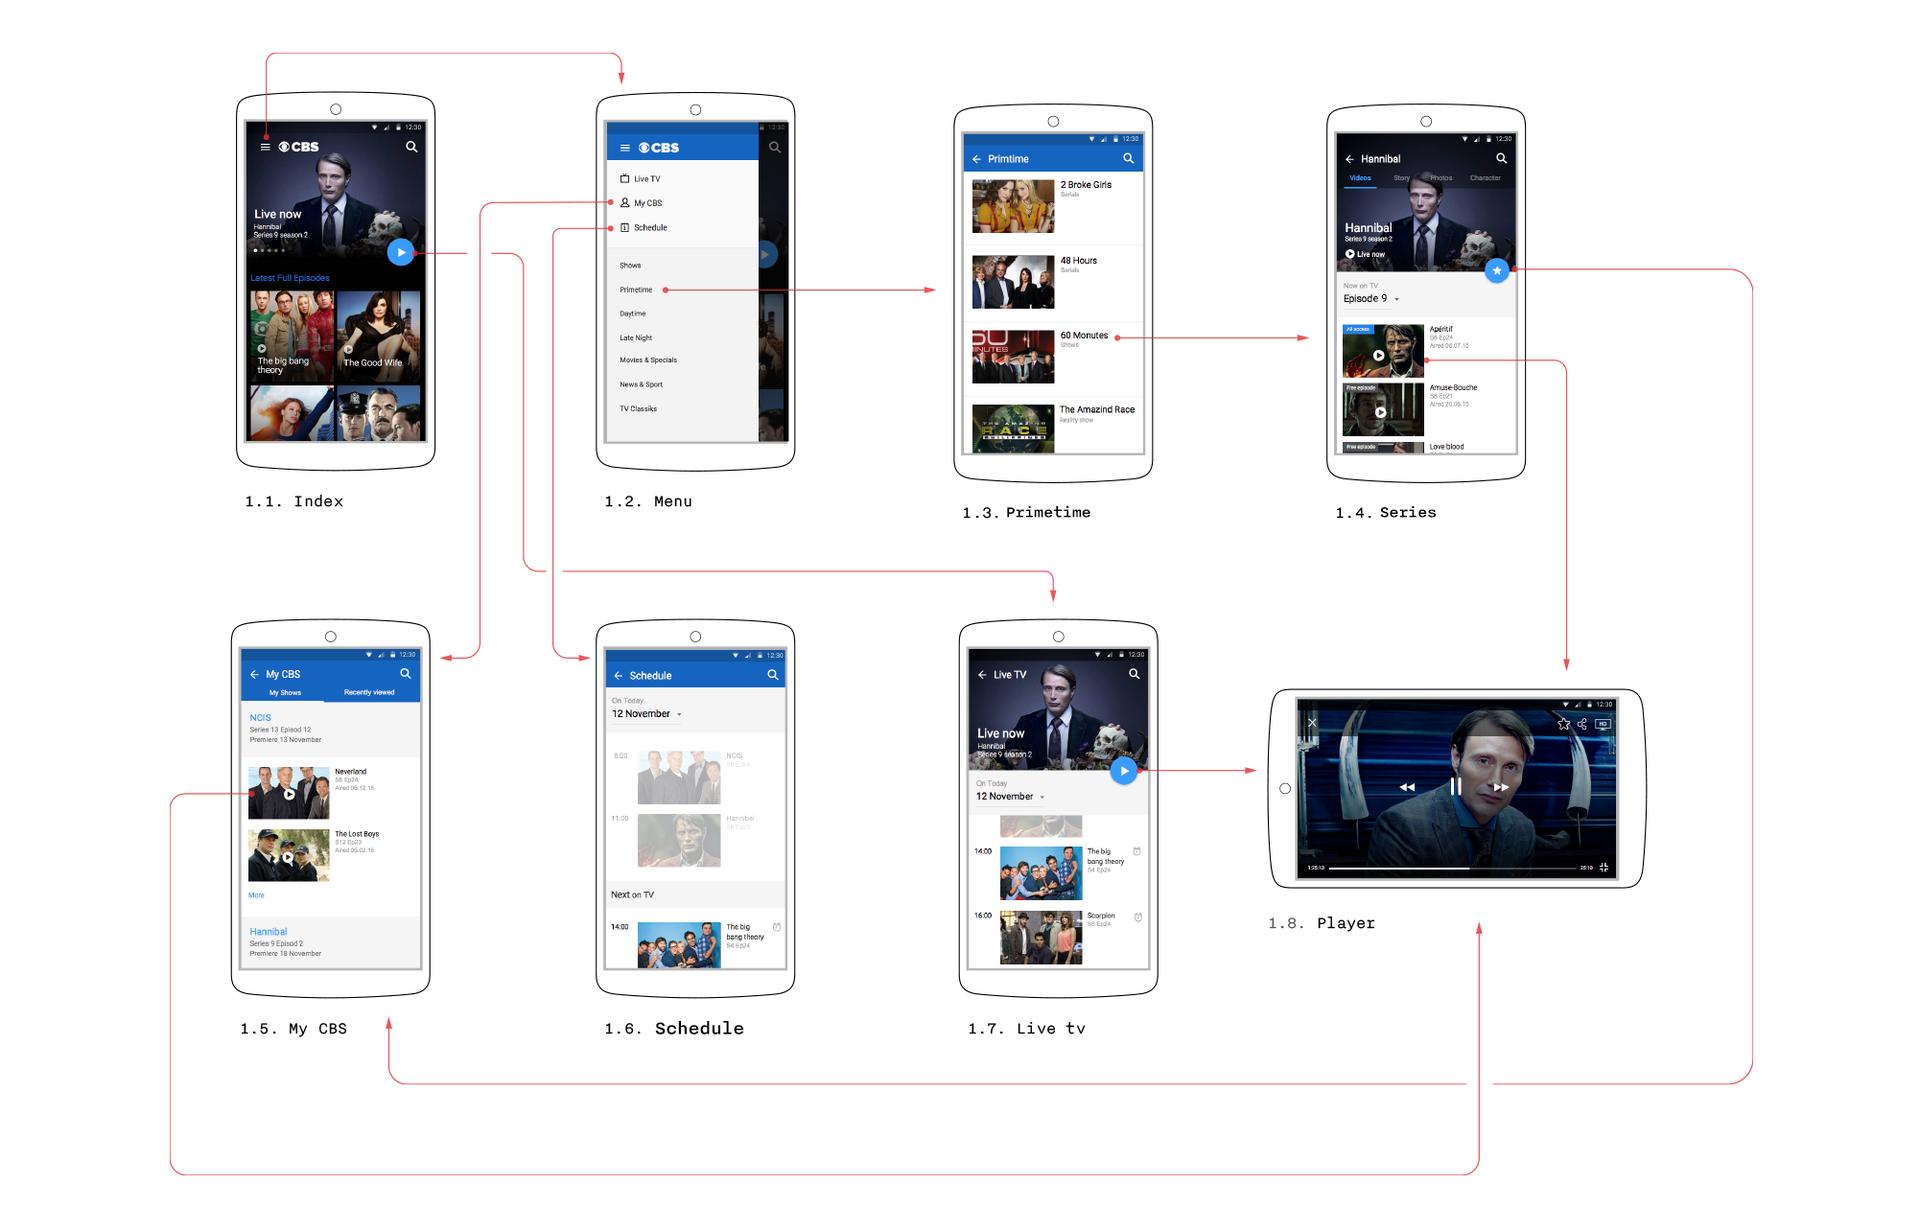 Лучший друг киномана: переделываем приложение CBS под Android - 1